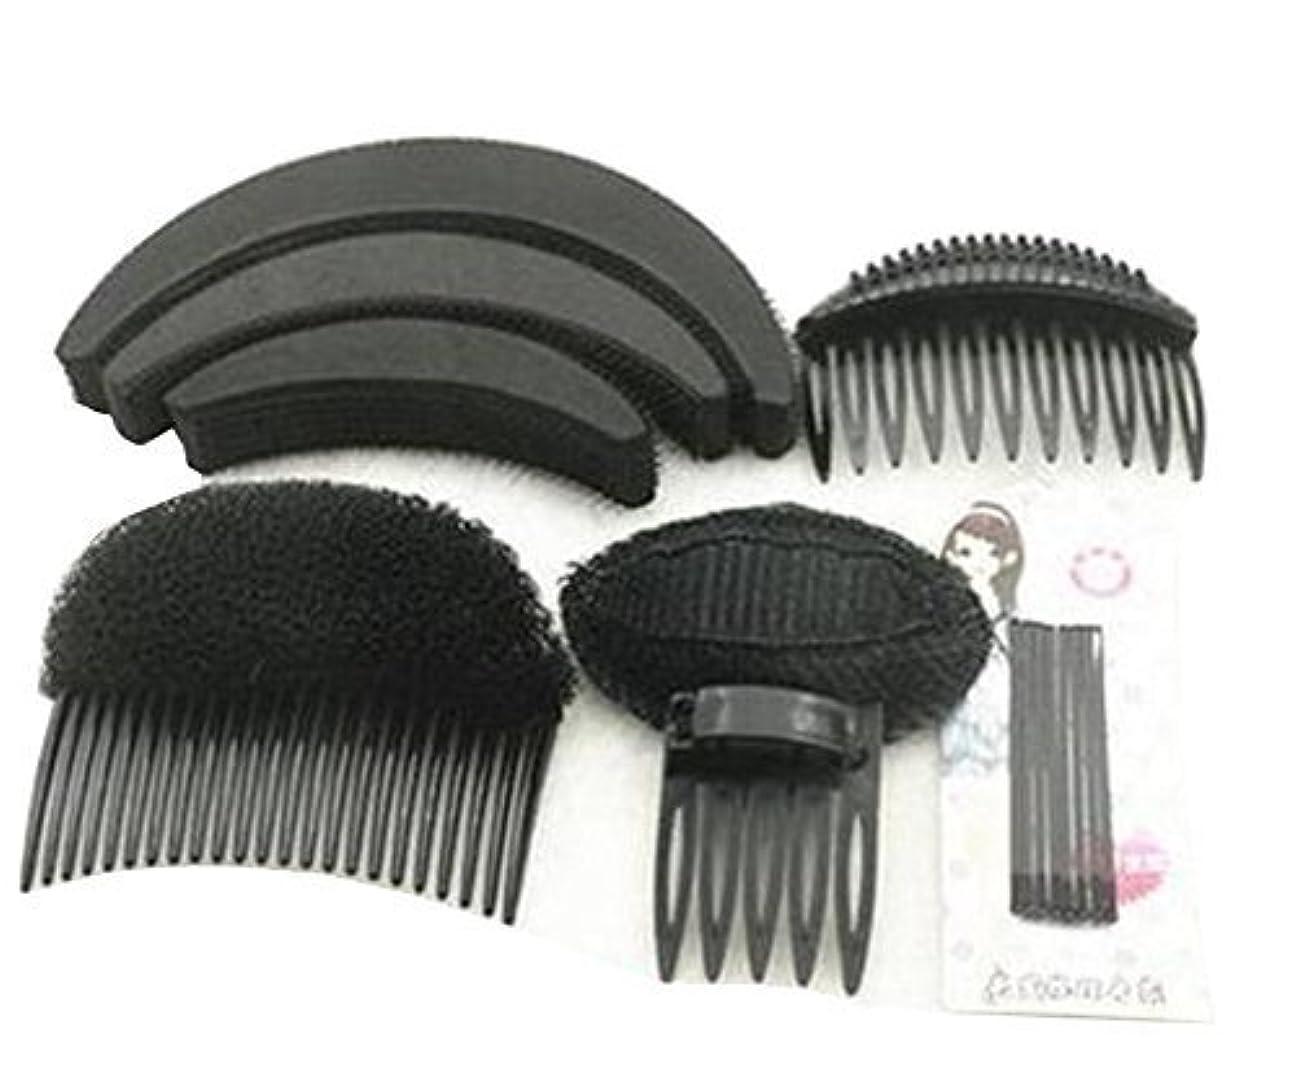 資本教養がある突撃1 Set As picture Shown Hair Styler Styling Tool DIY Hairpin Bump Up Inserts Base Comb Bumpits Bump Foam Pads Braiding...